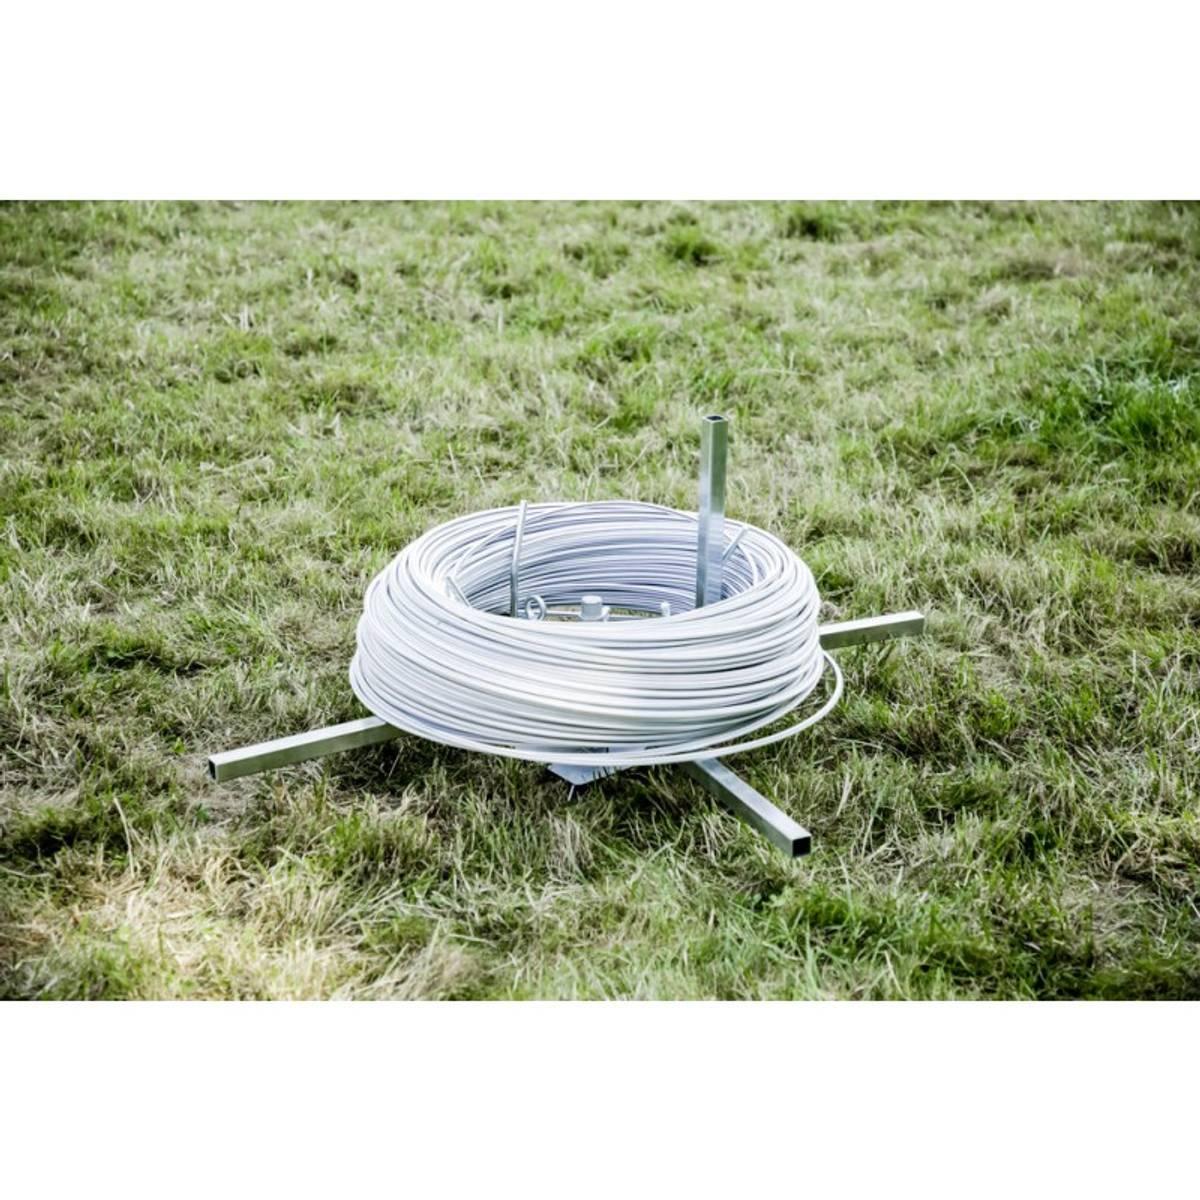 Trådhvinde til ståltråd (I eske)